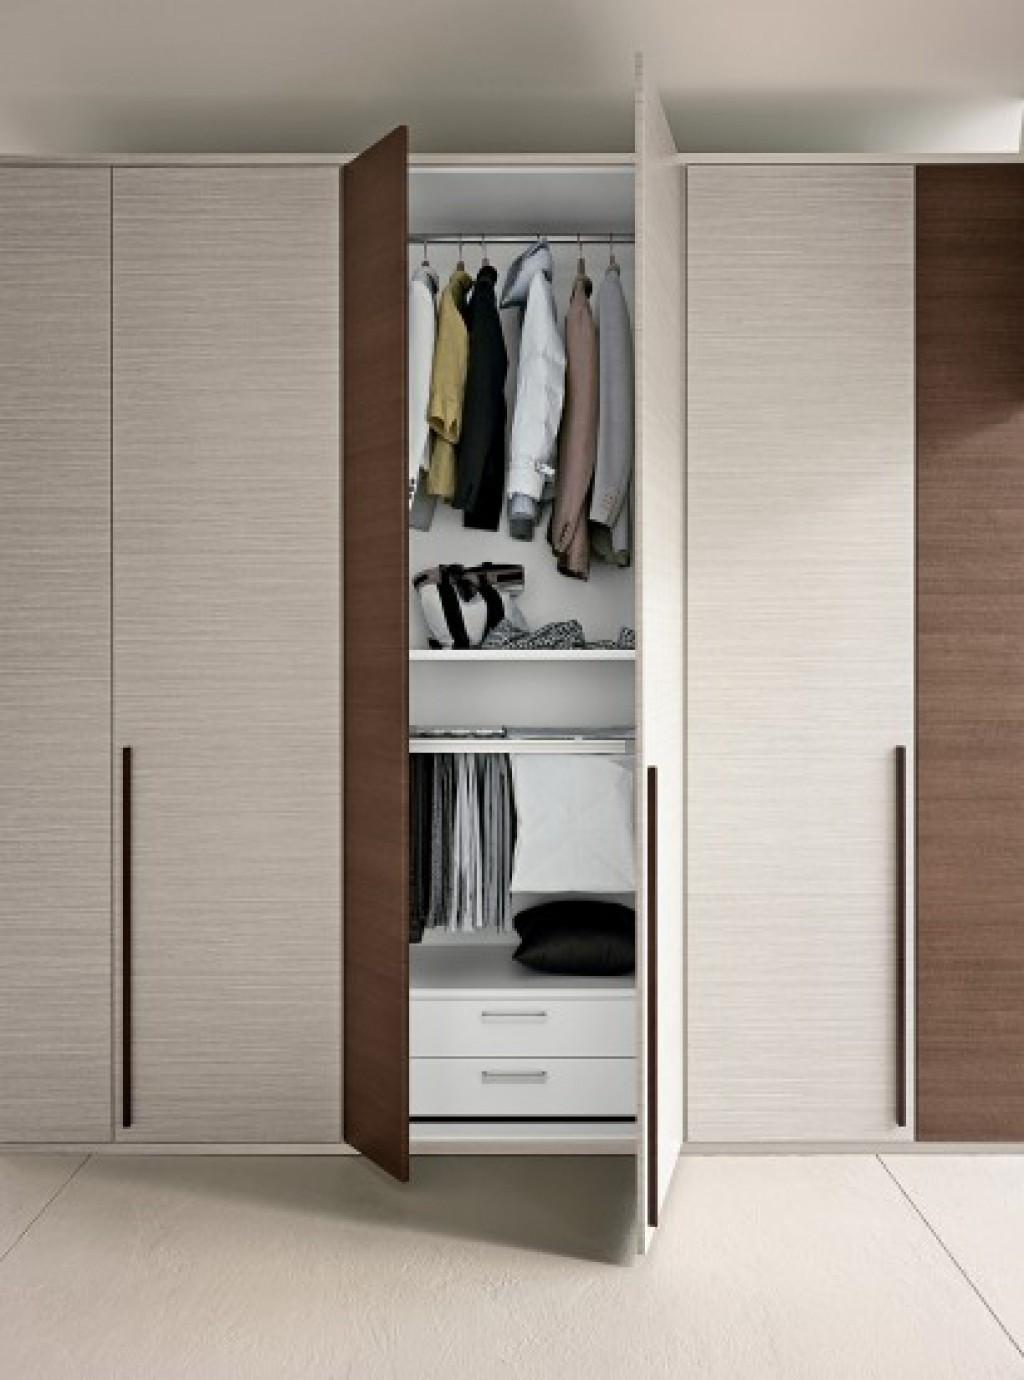 Camera moderna oc m108 cucine mobili di qualit al giusto prezzo milano monza brianza - Cucine qualita prezzo ...